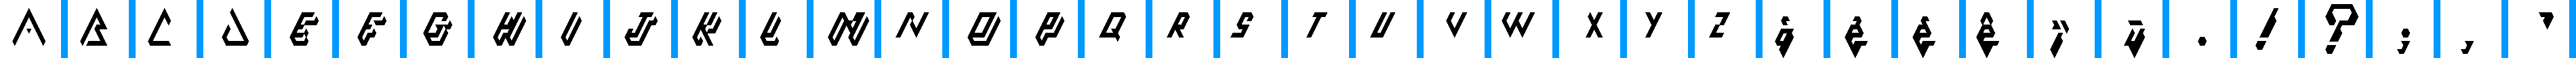 Particip-a-type v.47